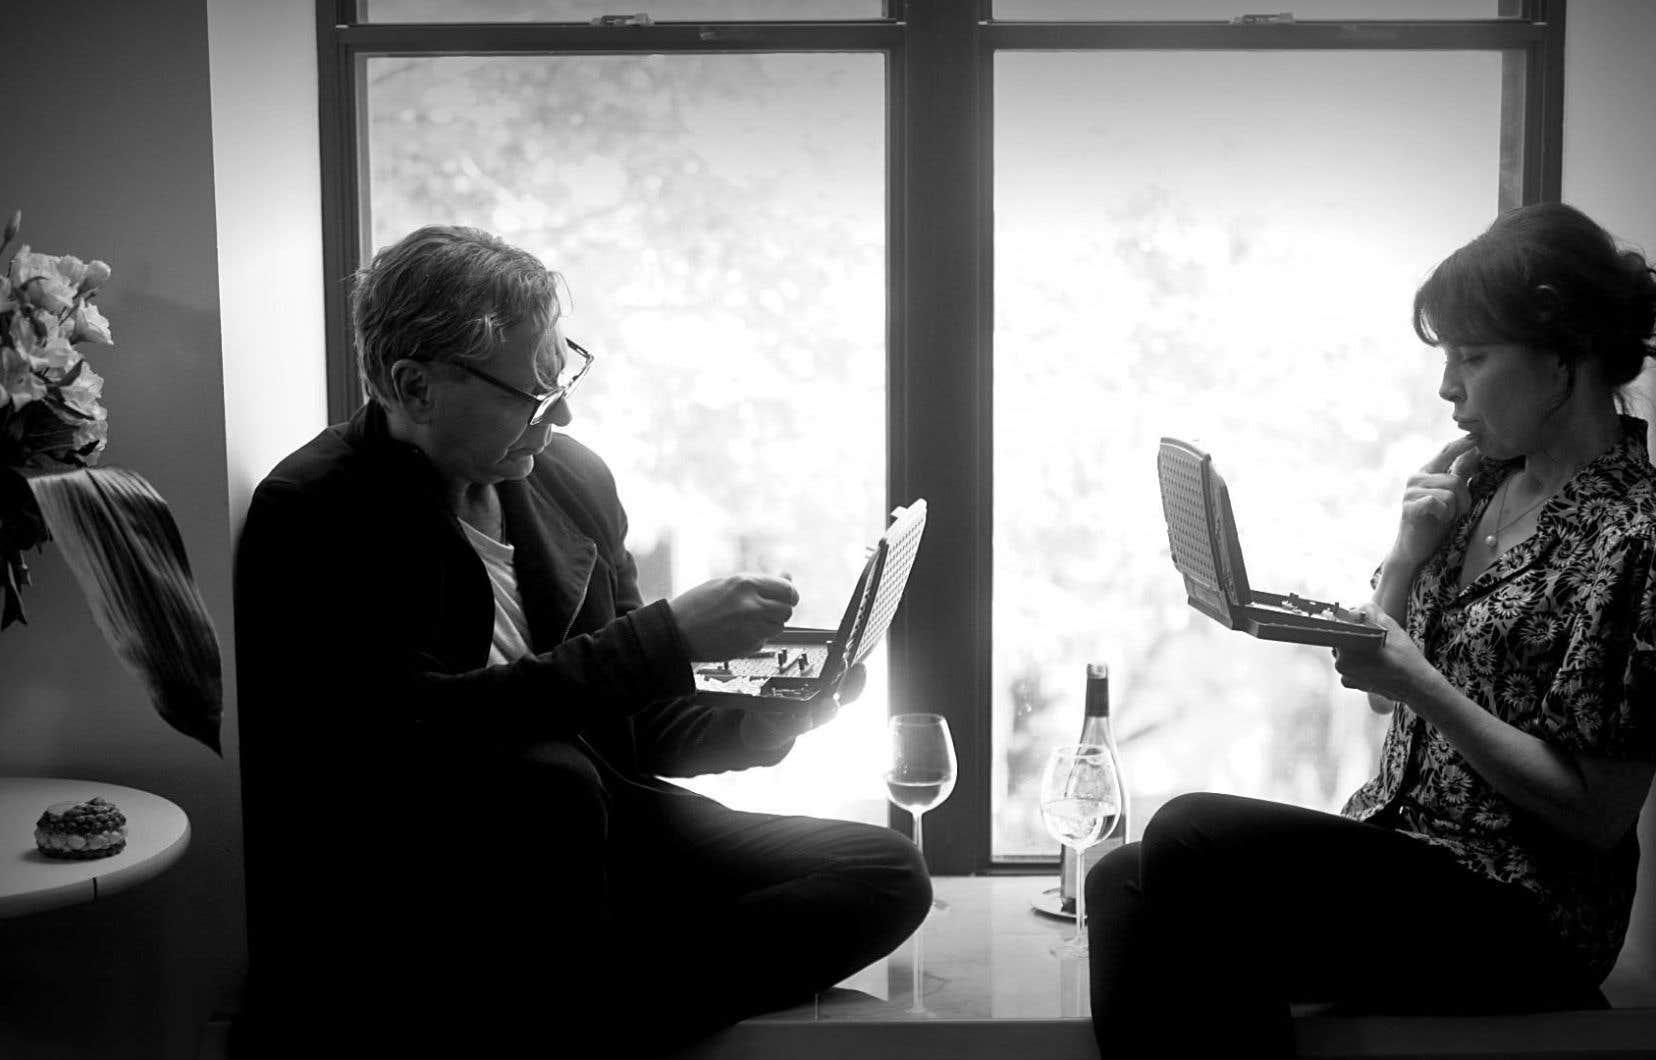 Jouant à la bataille navale ou aux poches, sirotant un verre de Sancerre ou un martini, Anne Dorval et Marc Labrèche nous invitent à prêter l'oreille dans «C'est le plus beau jour de ma vie». Leur doux délire nous caresse comme une brise d'été.